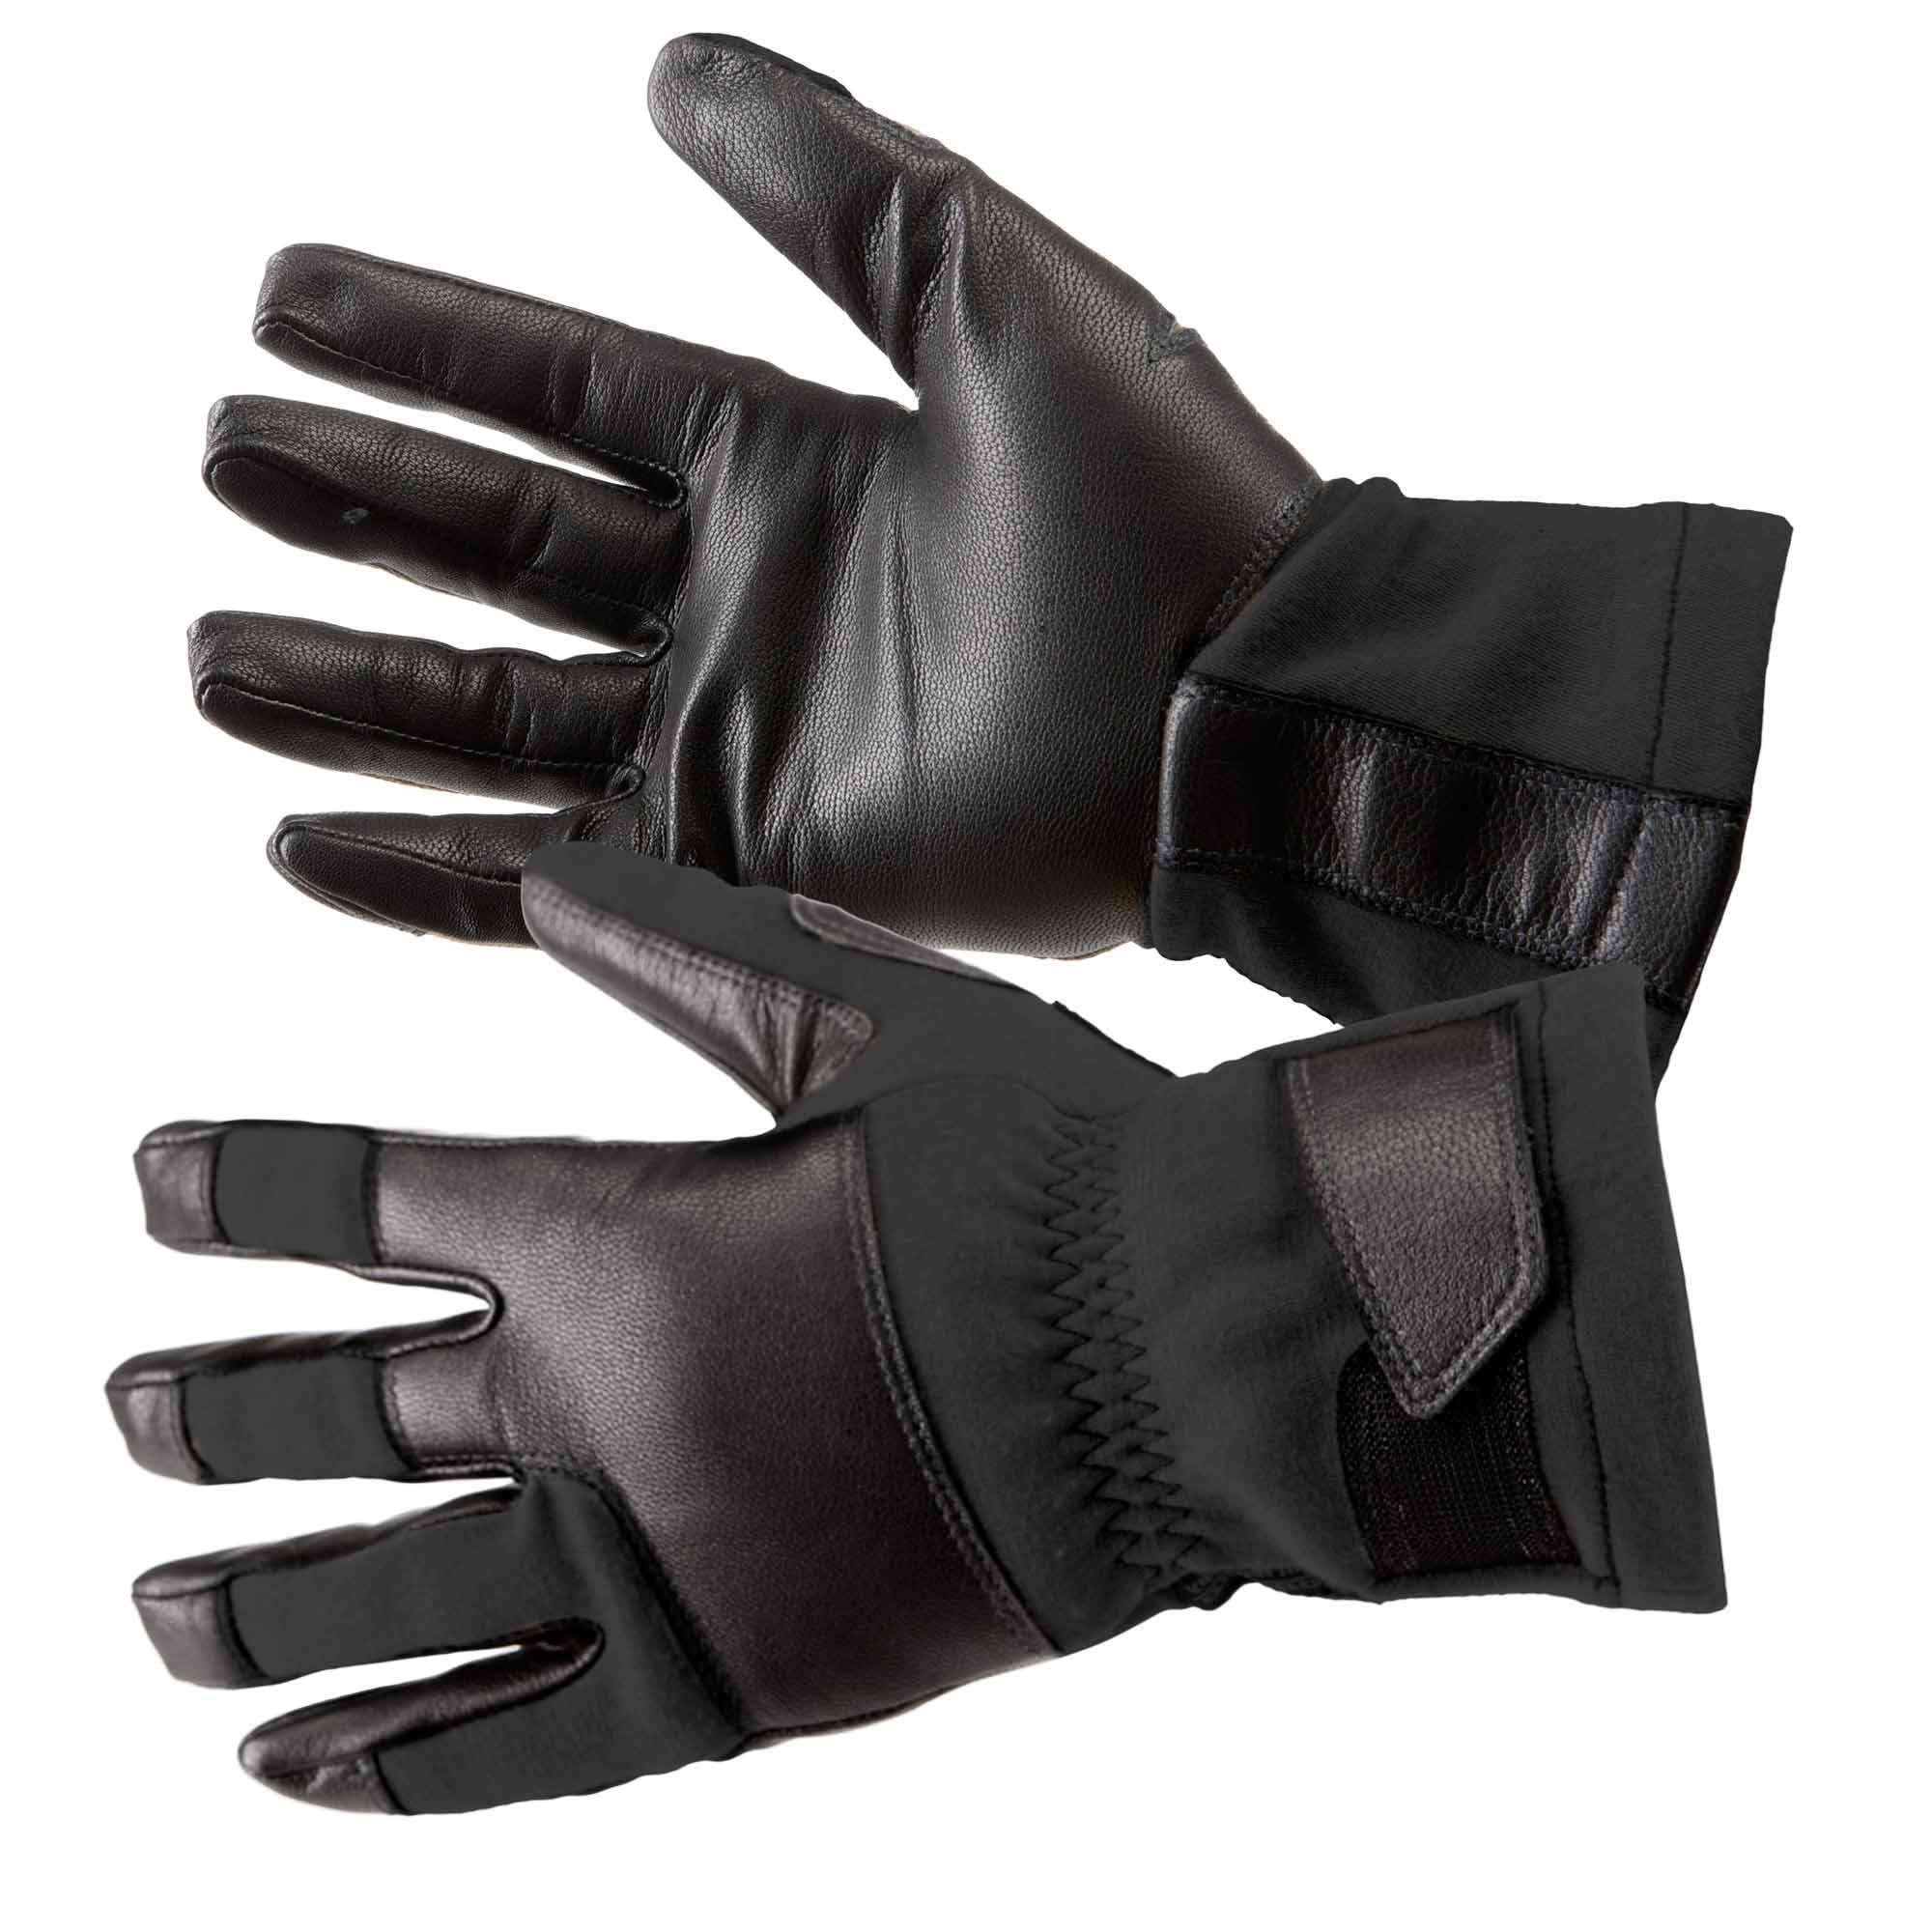 5.11 Tactical Men's Tac NFOE2 Flight Glove (Black)